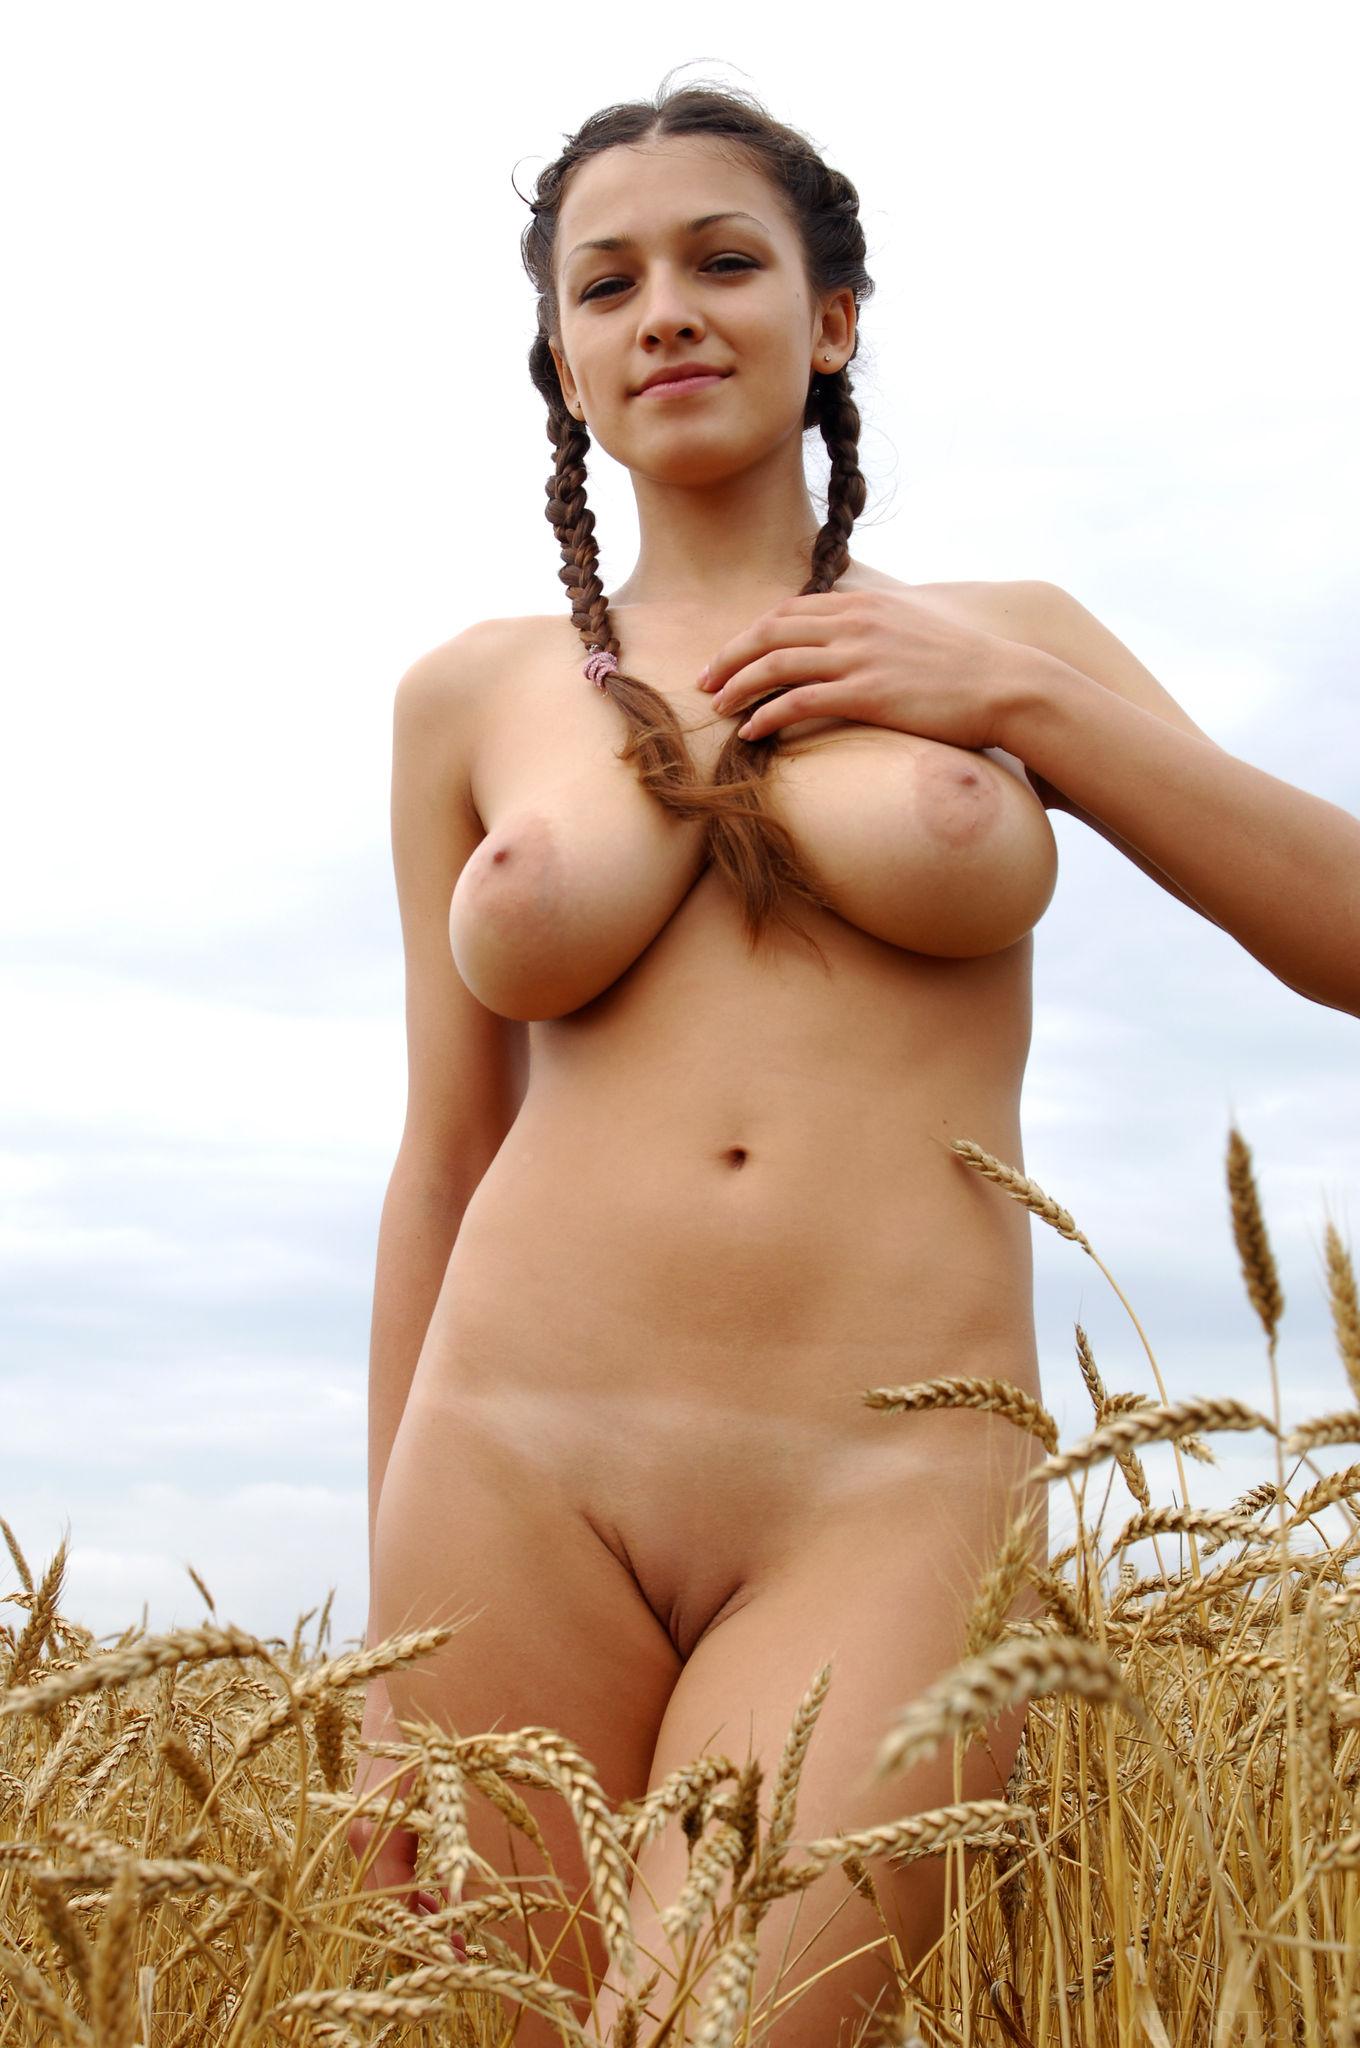 Фото пышногрудых голых баб 20 фотография